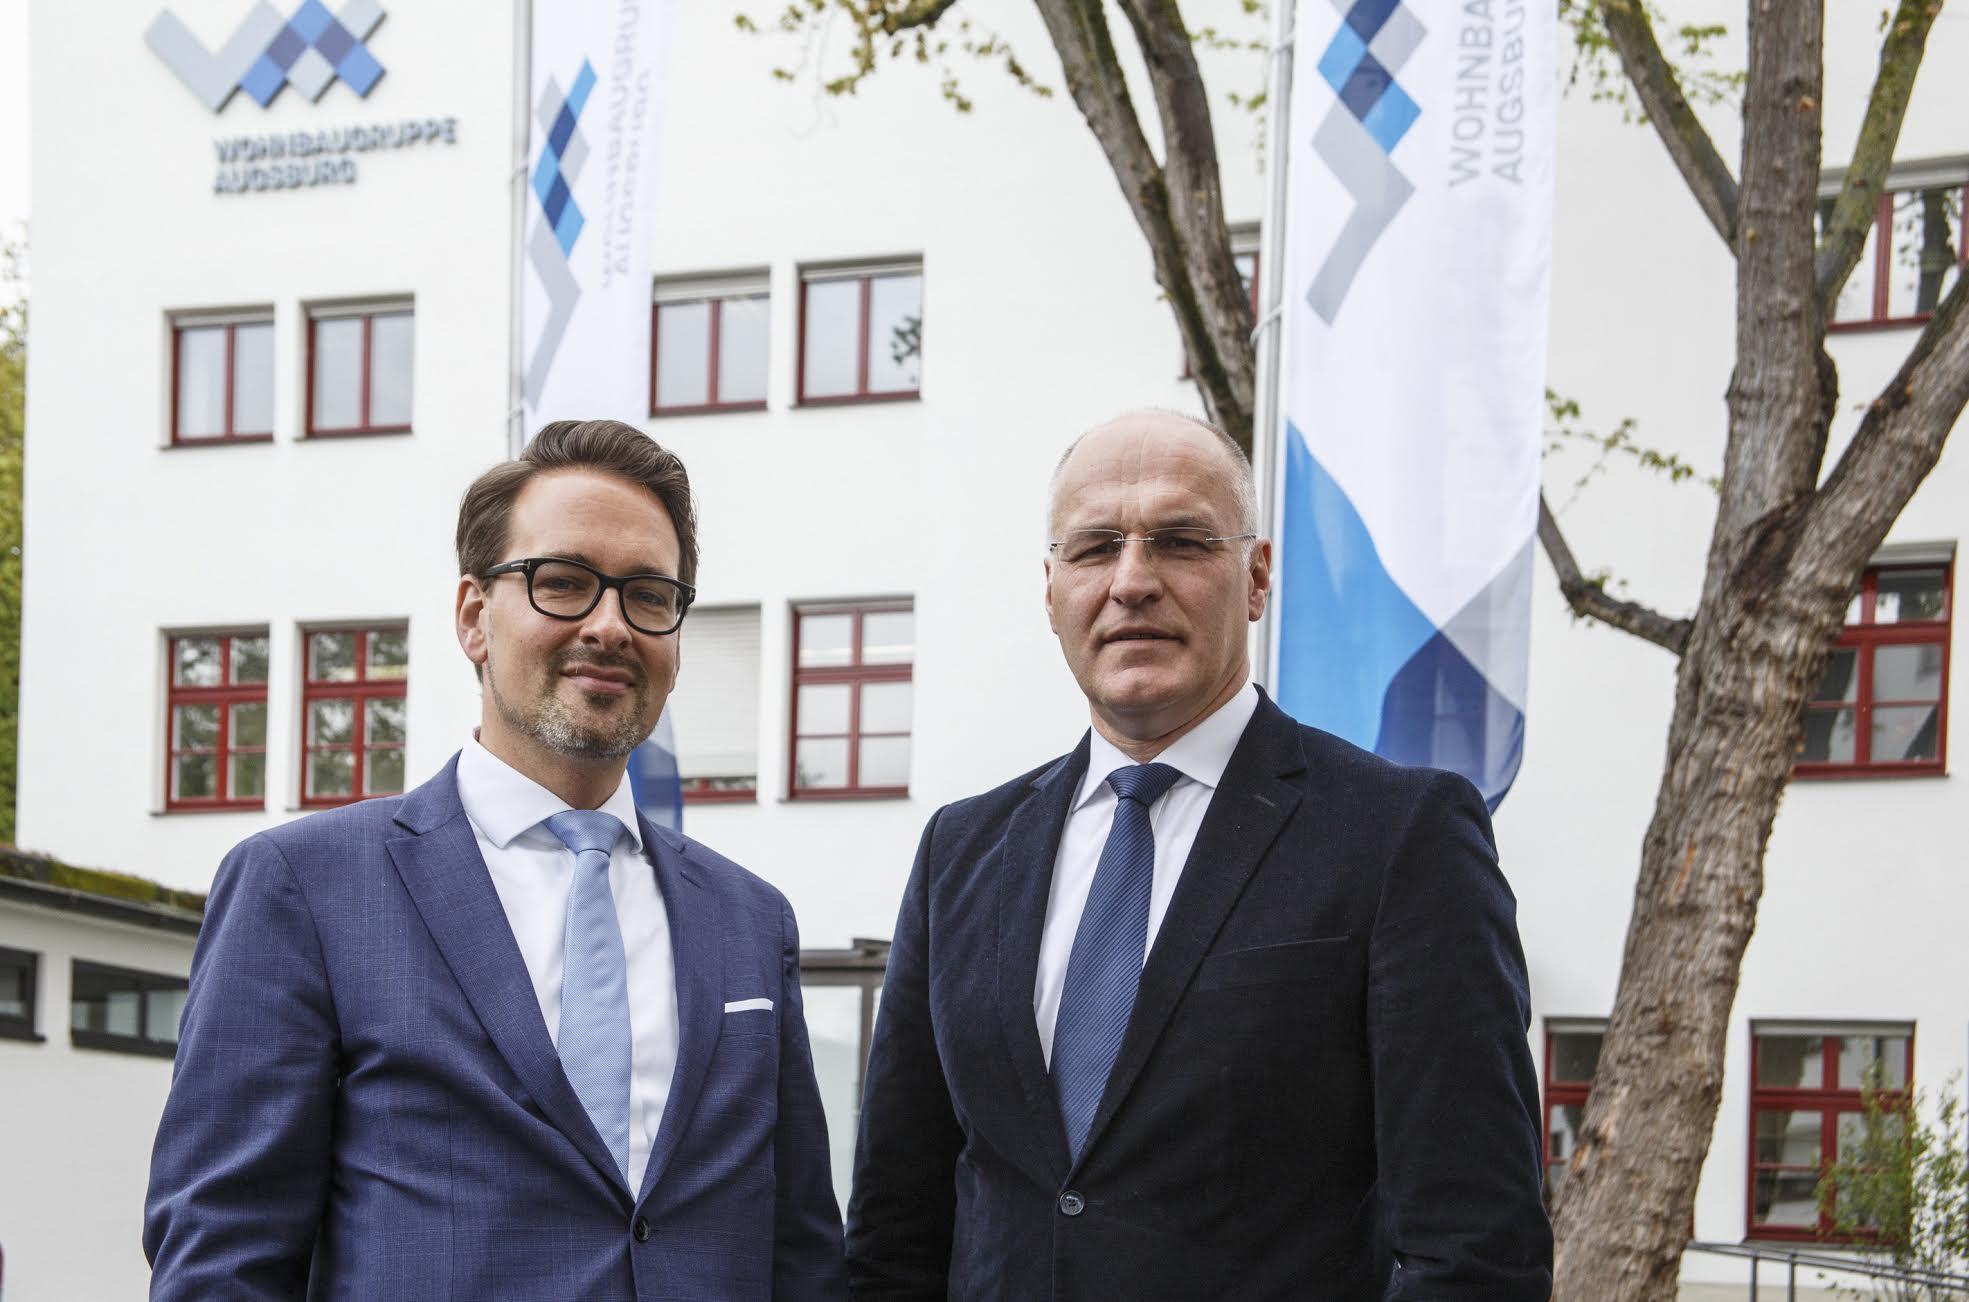 Mit neuem Logo im Hintergrund: Dr. Mark Dominik Hoppe (li.), und Oberbürgermeister Dr. Kurt Gribl vor der Geschäftsstelle der Wohnbaugruppe Augsburg.